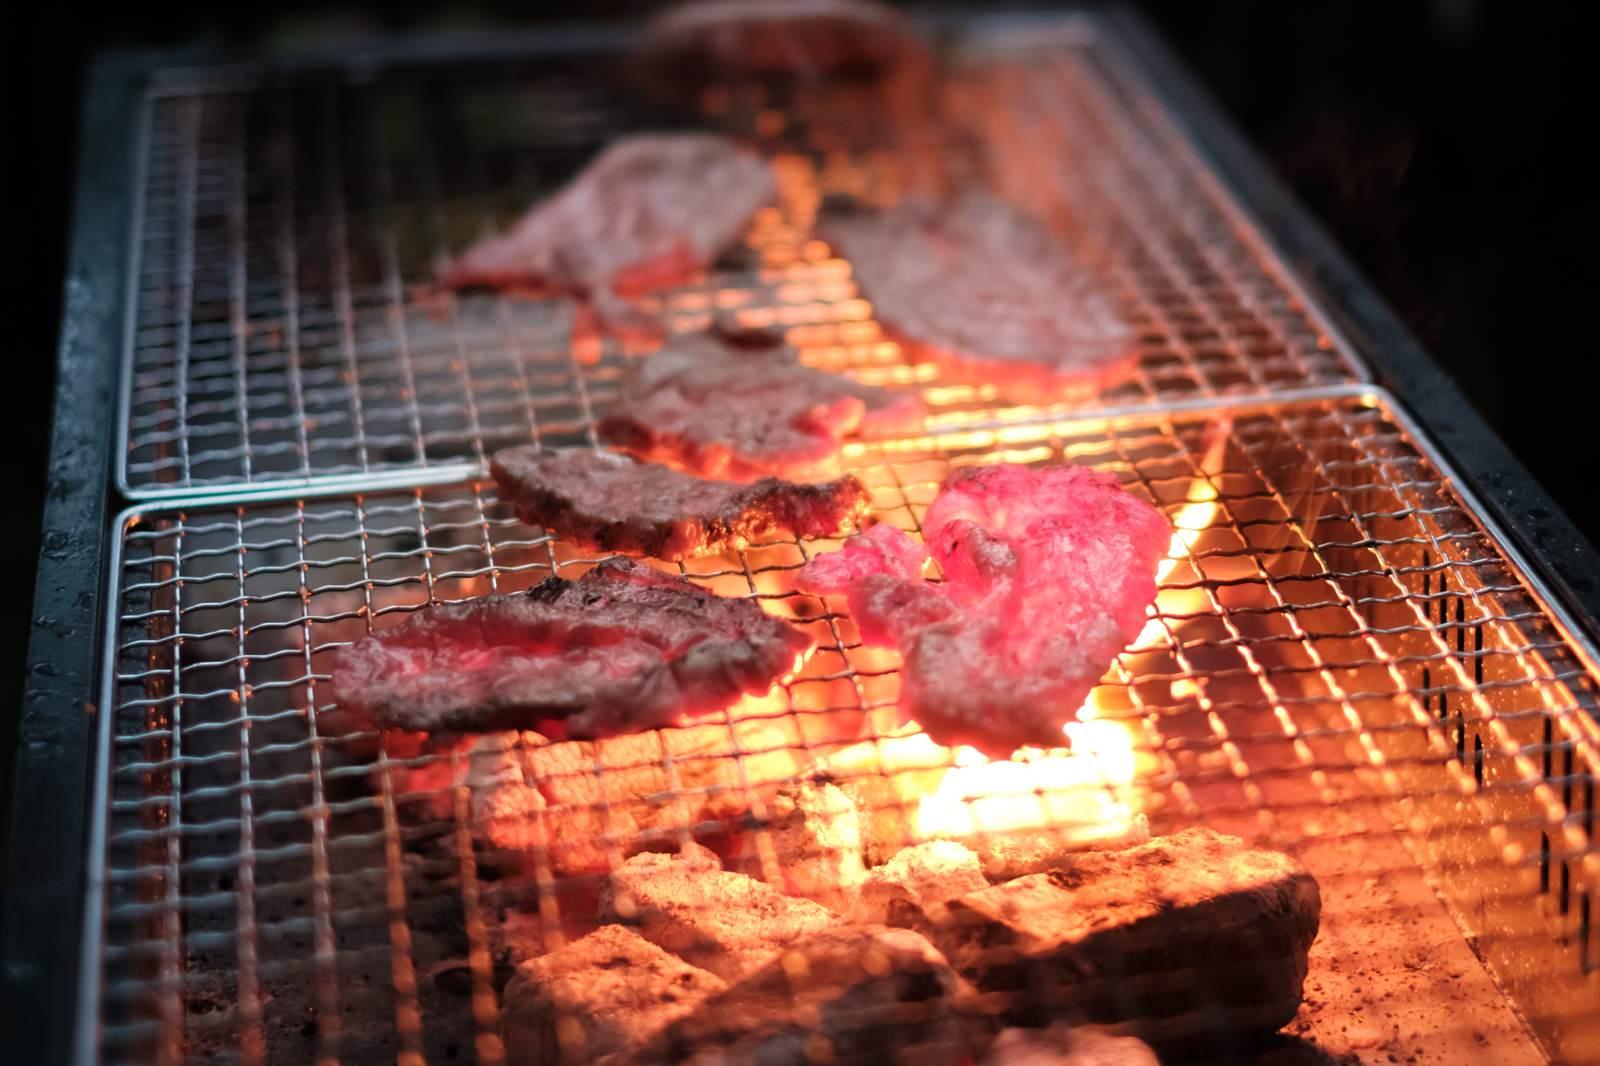 「炭火で網焼きした肉炭火で網焼きした肉」のフリー写真素材を拡大